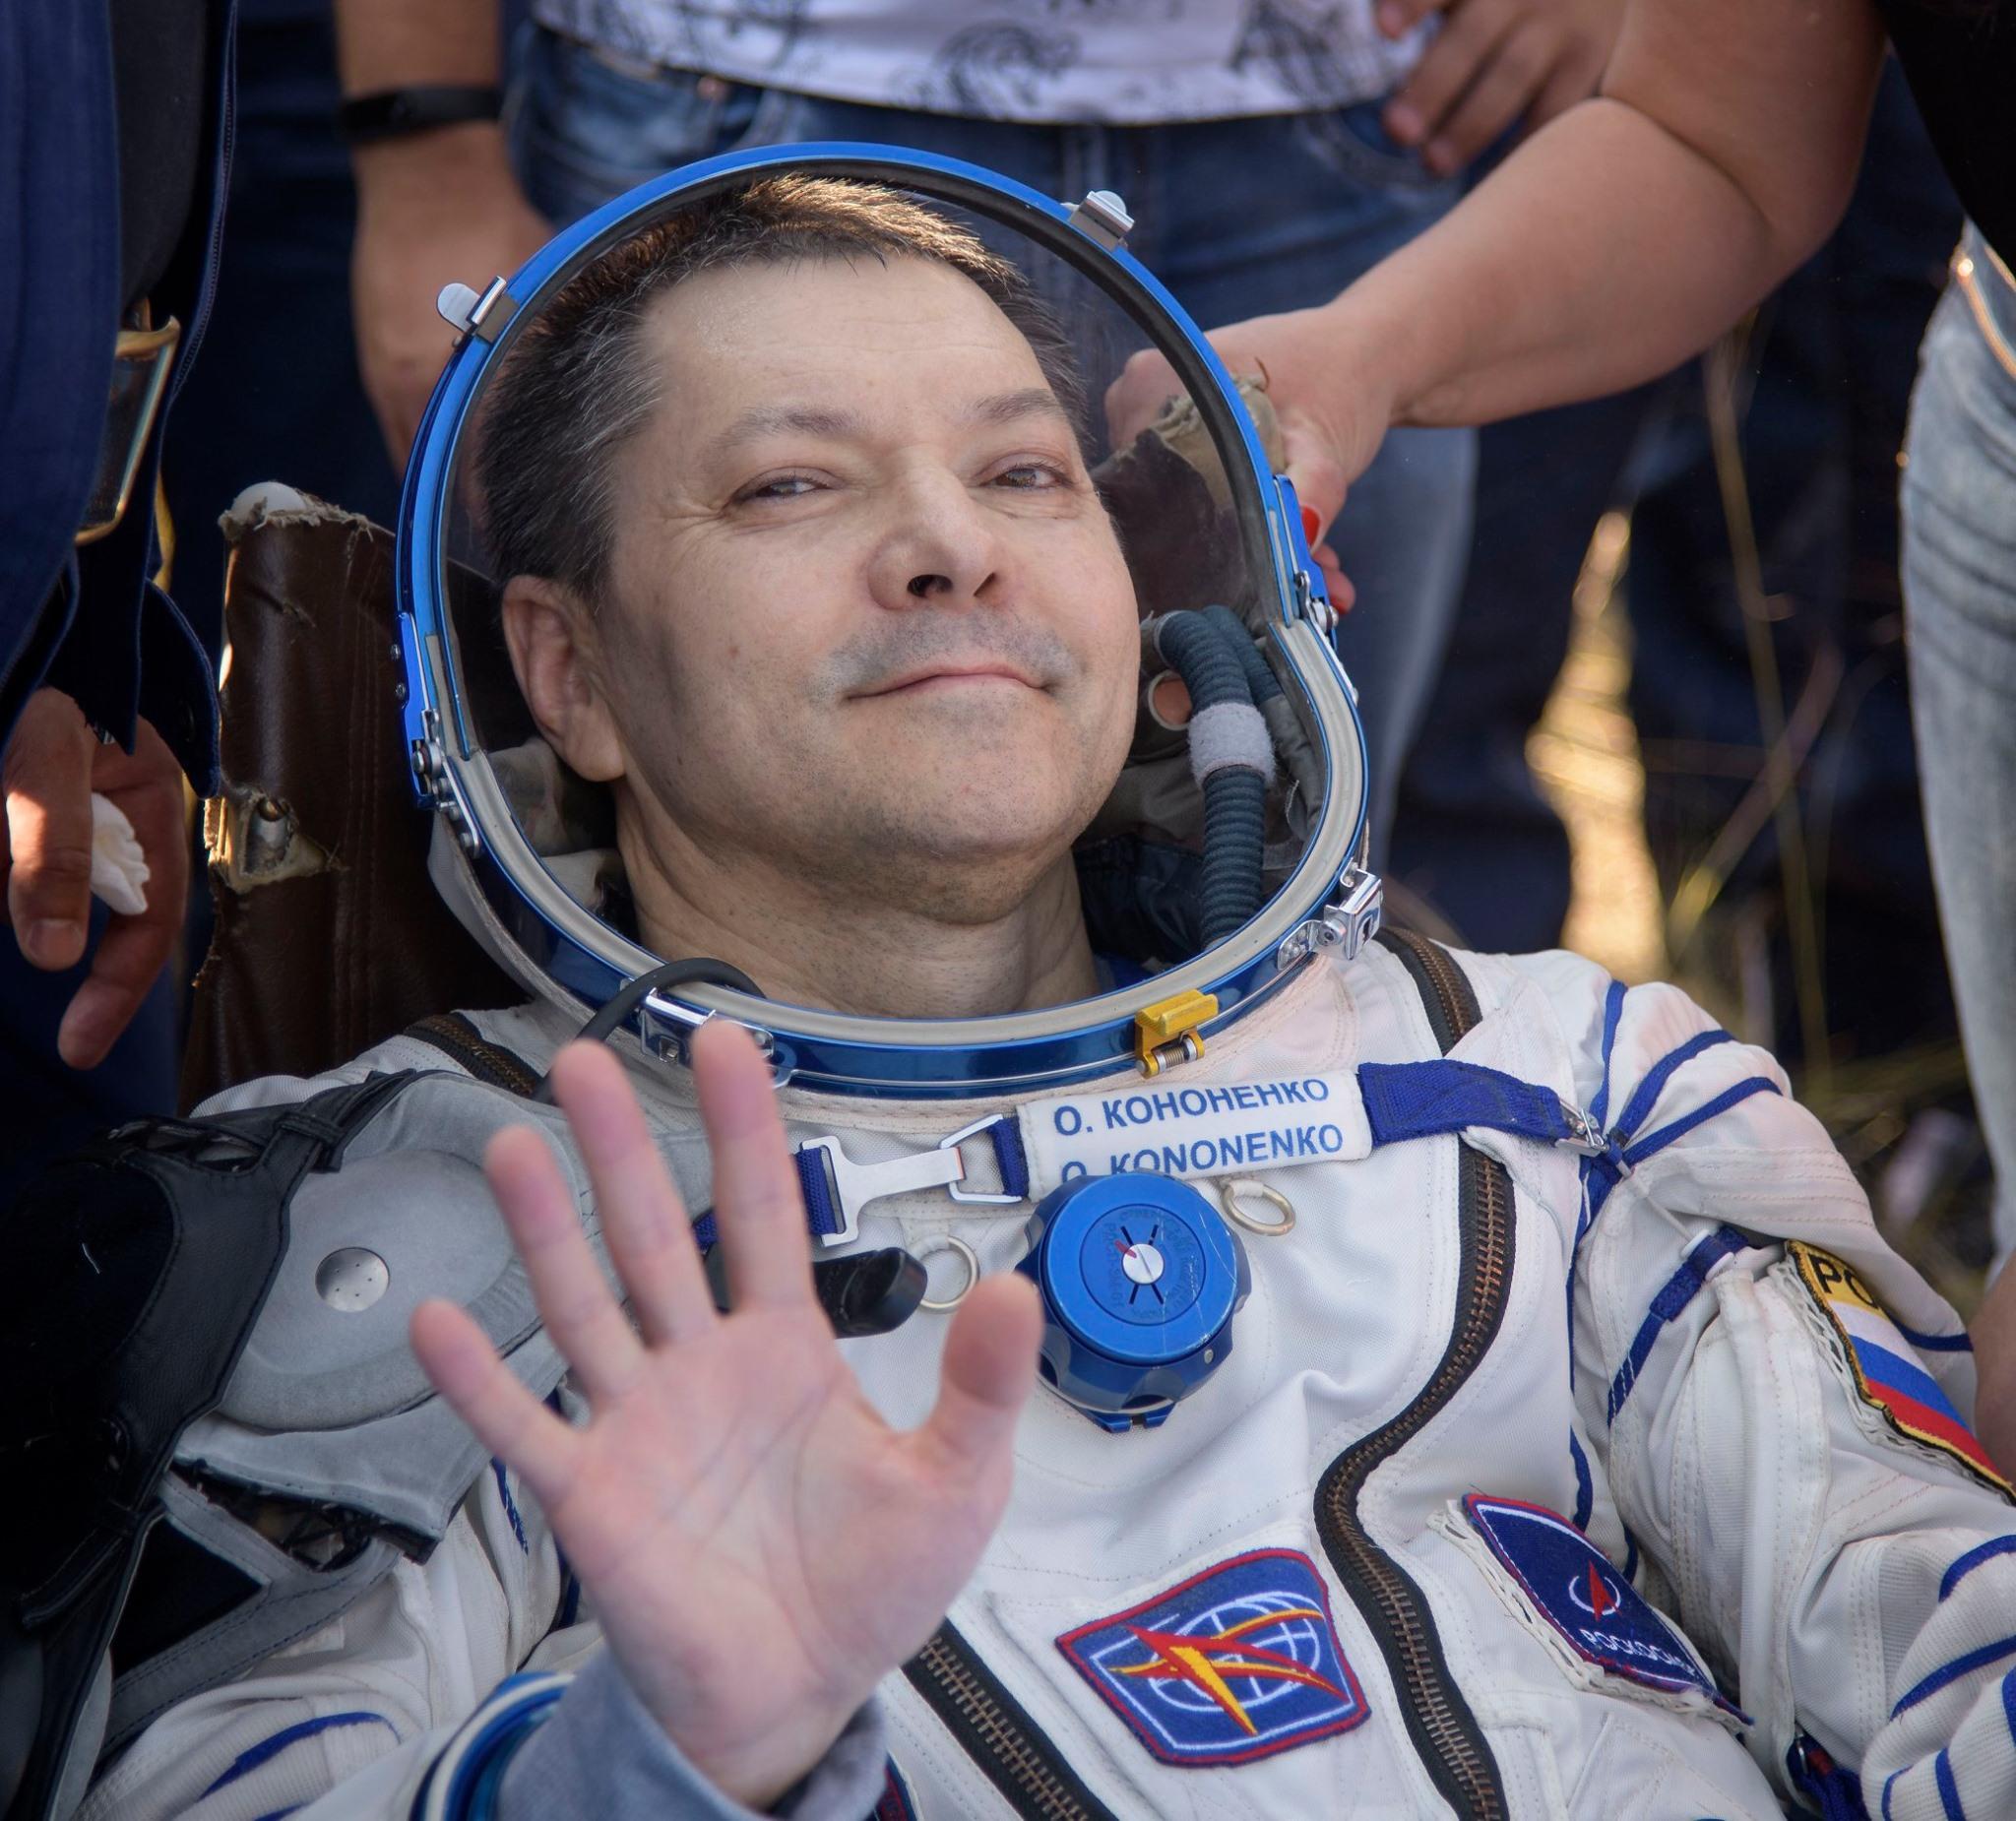 Uluslararası Uzay İstasyonu Soyuz-11 Kononenko